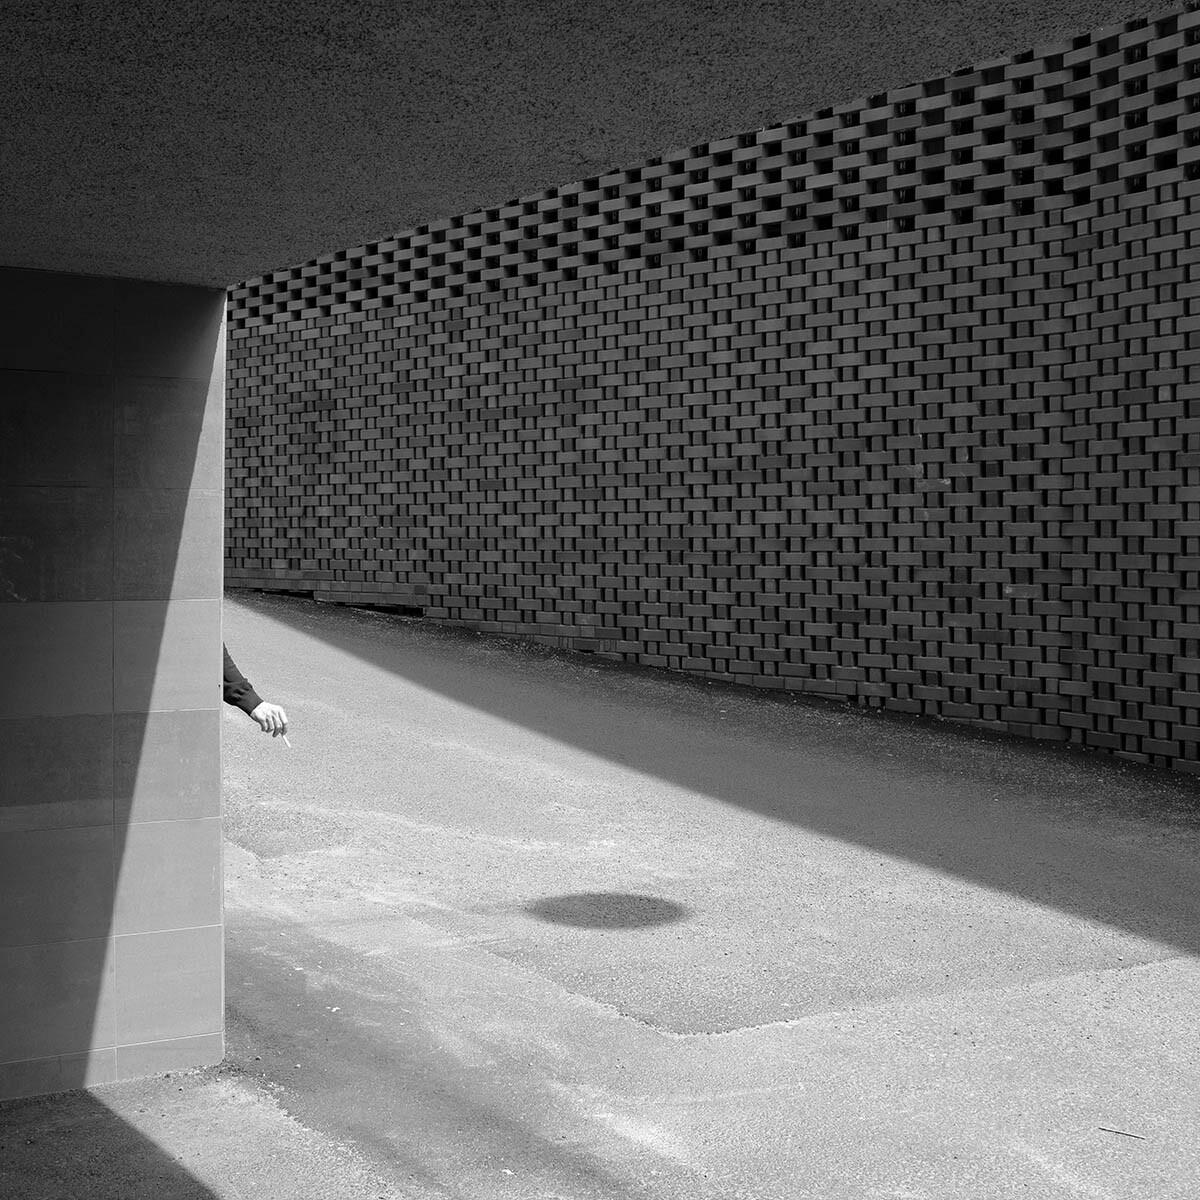 1 место в категории «Уличная фотография», 2021. «07.27.47». Автор Йонас Дальстрём